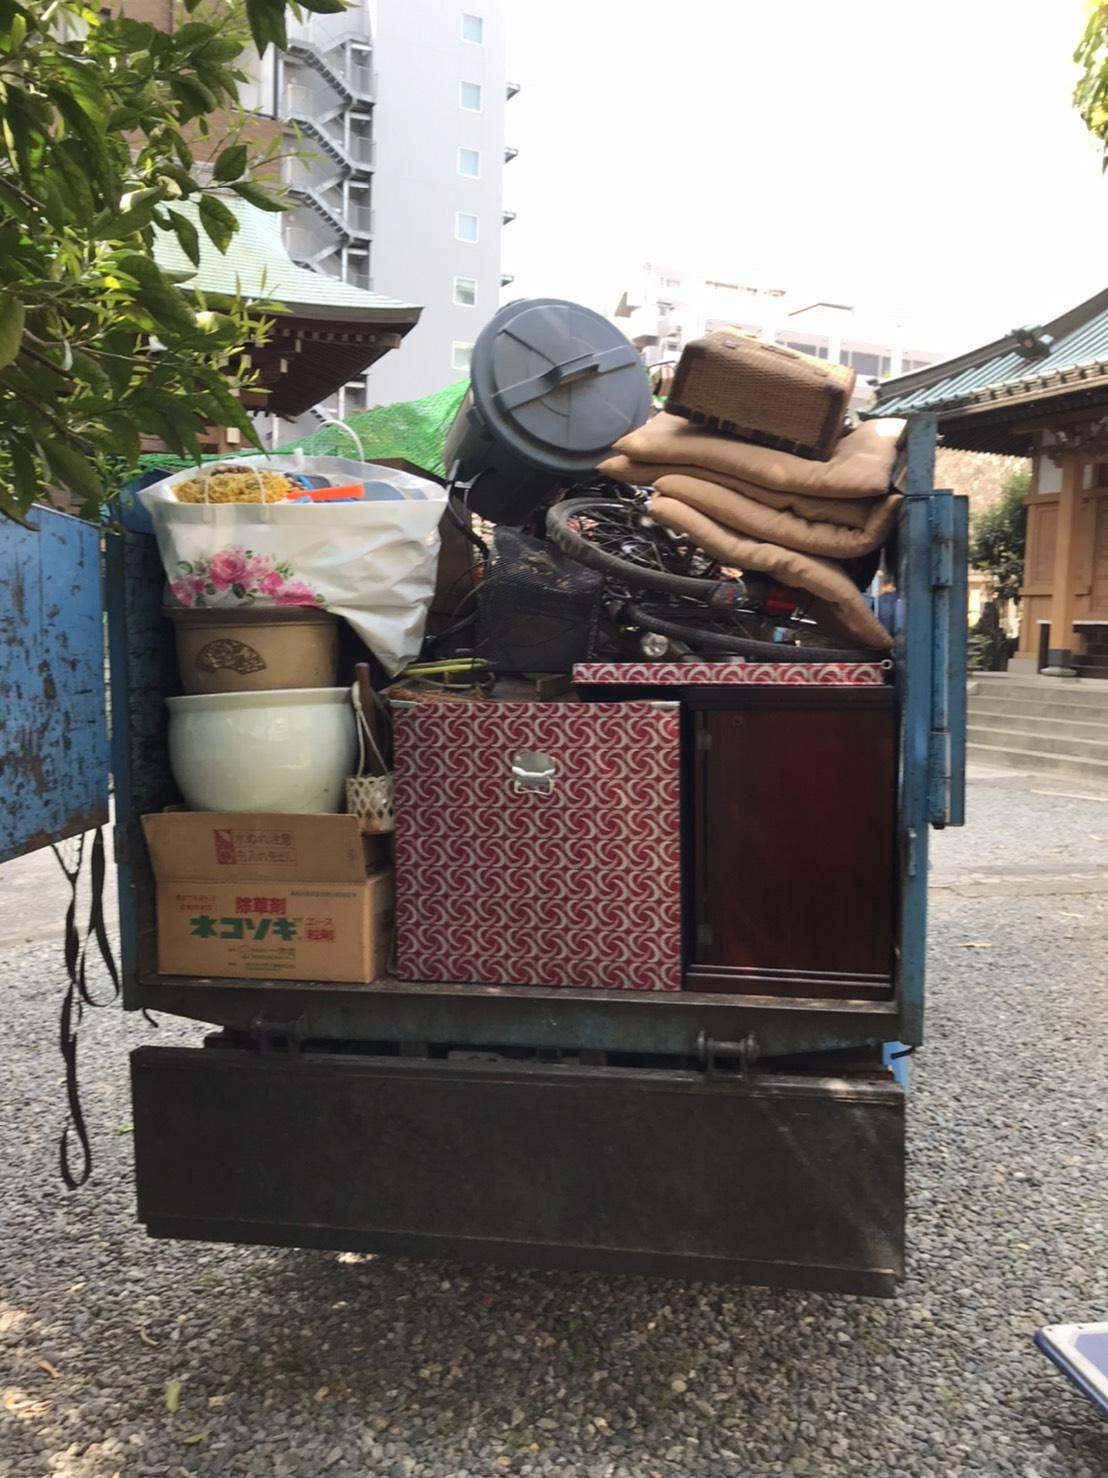 港区産業廃棄物回収サービス業